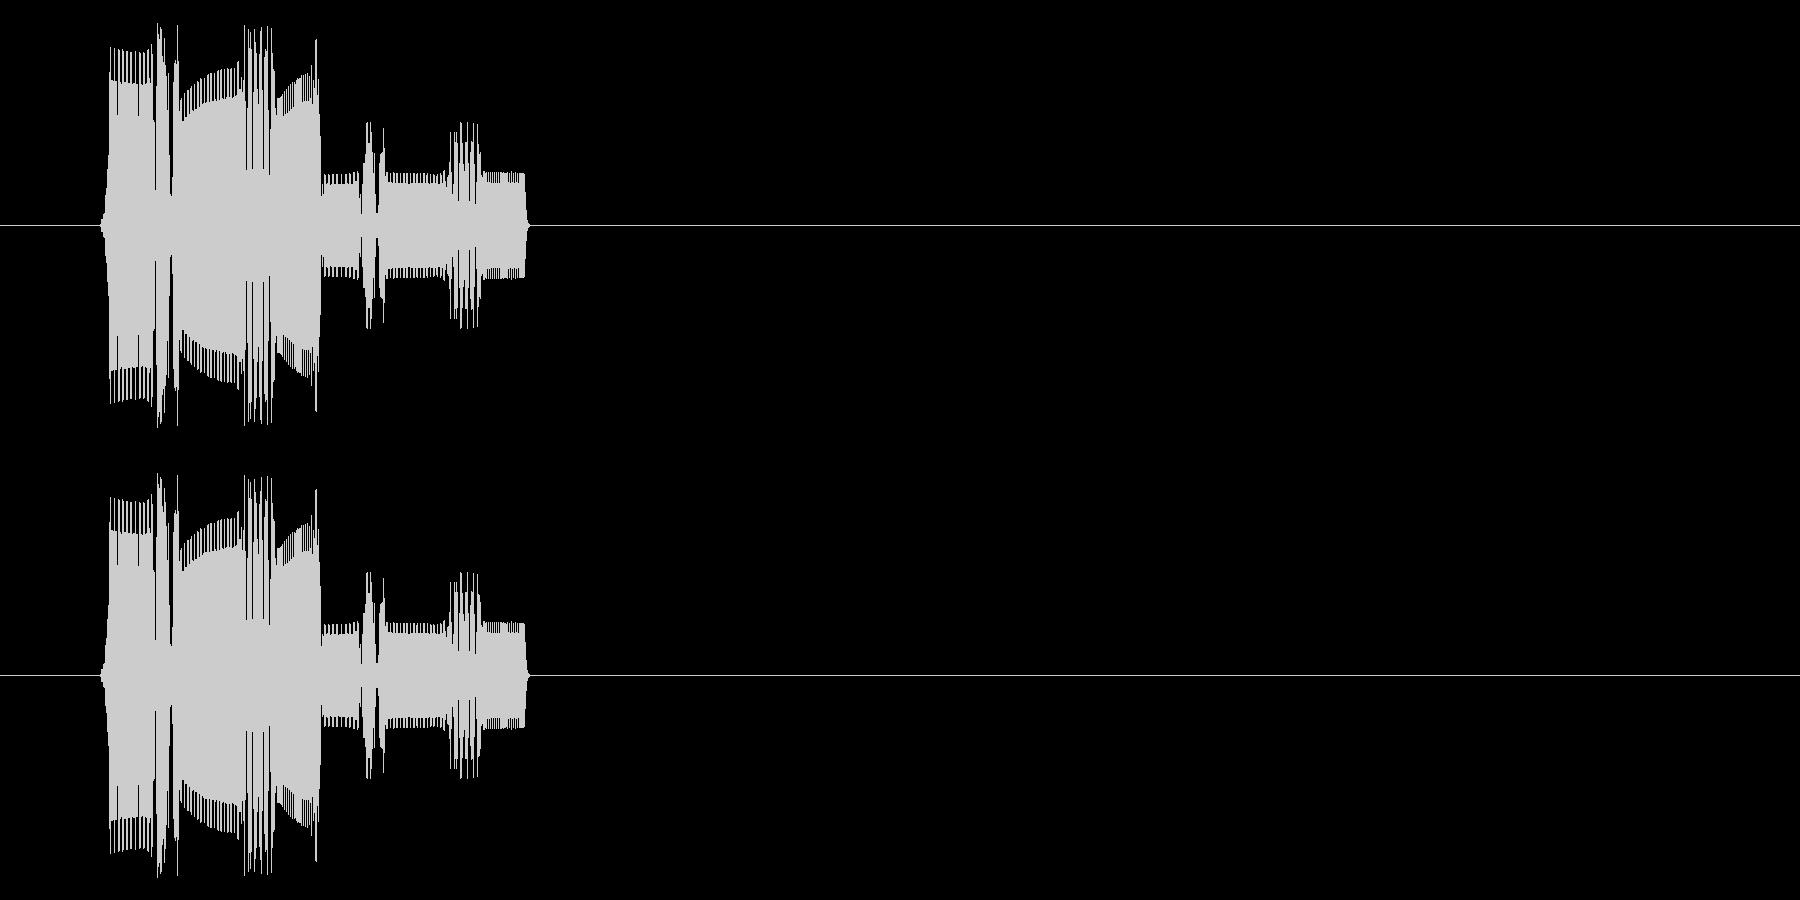 ファミコン風決定音の未再生の波形